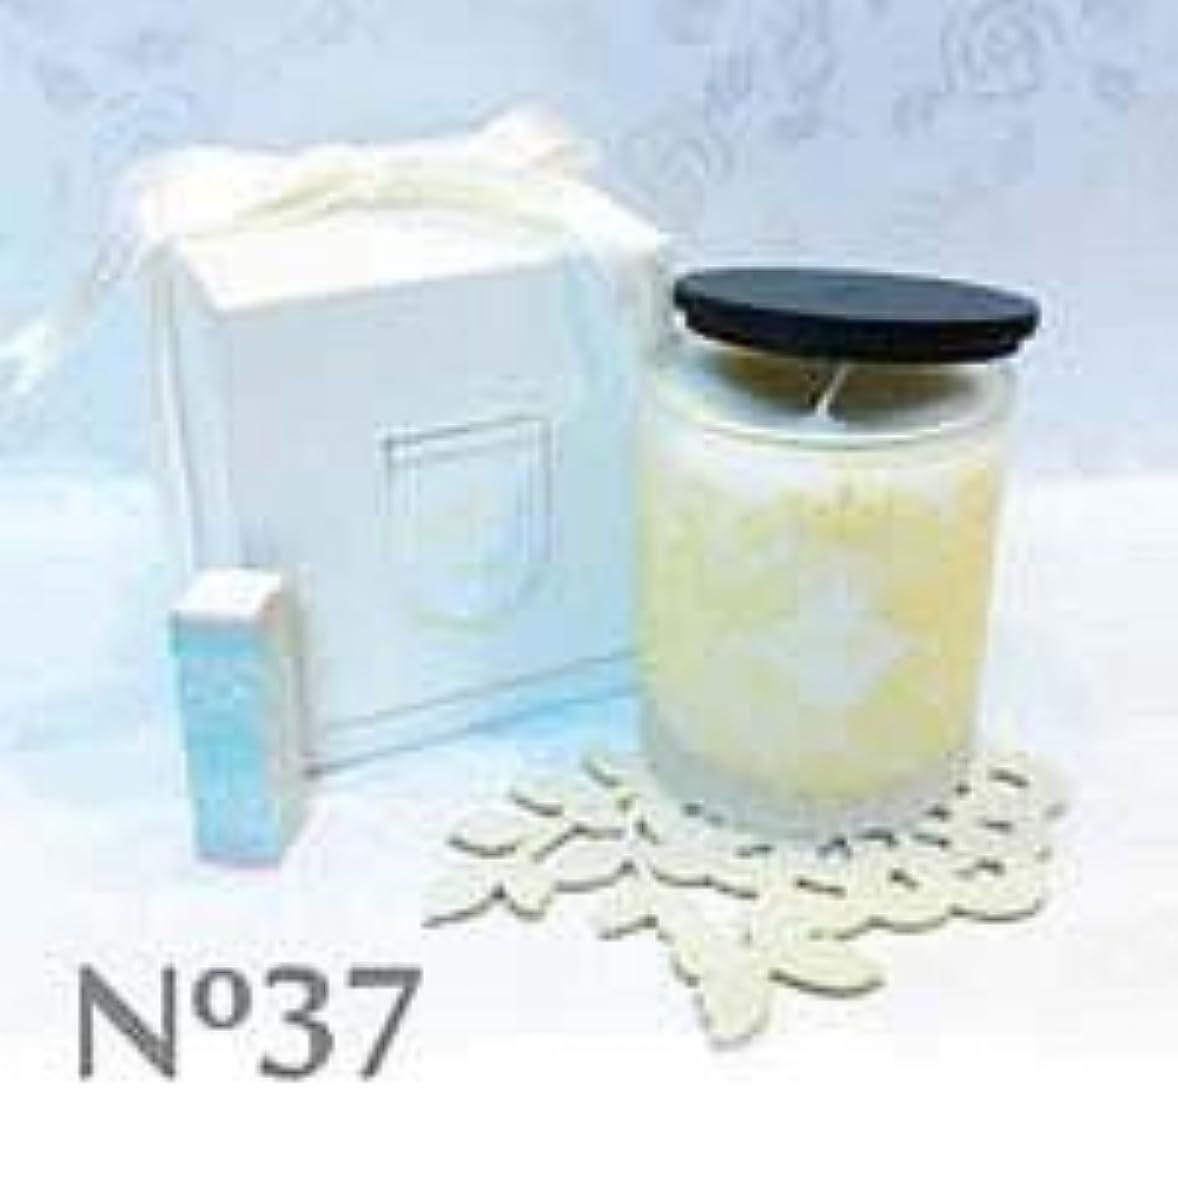 無視する作りまさにアロマキャンドル parfum No.37